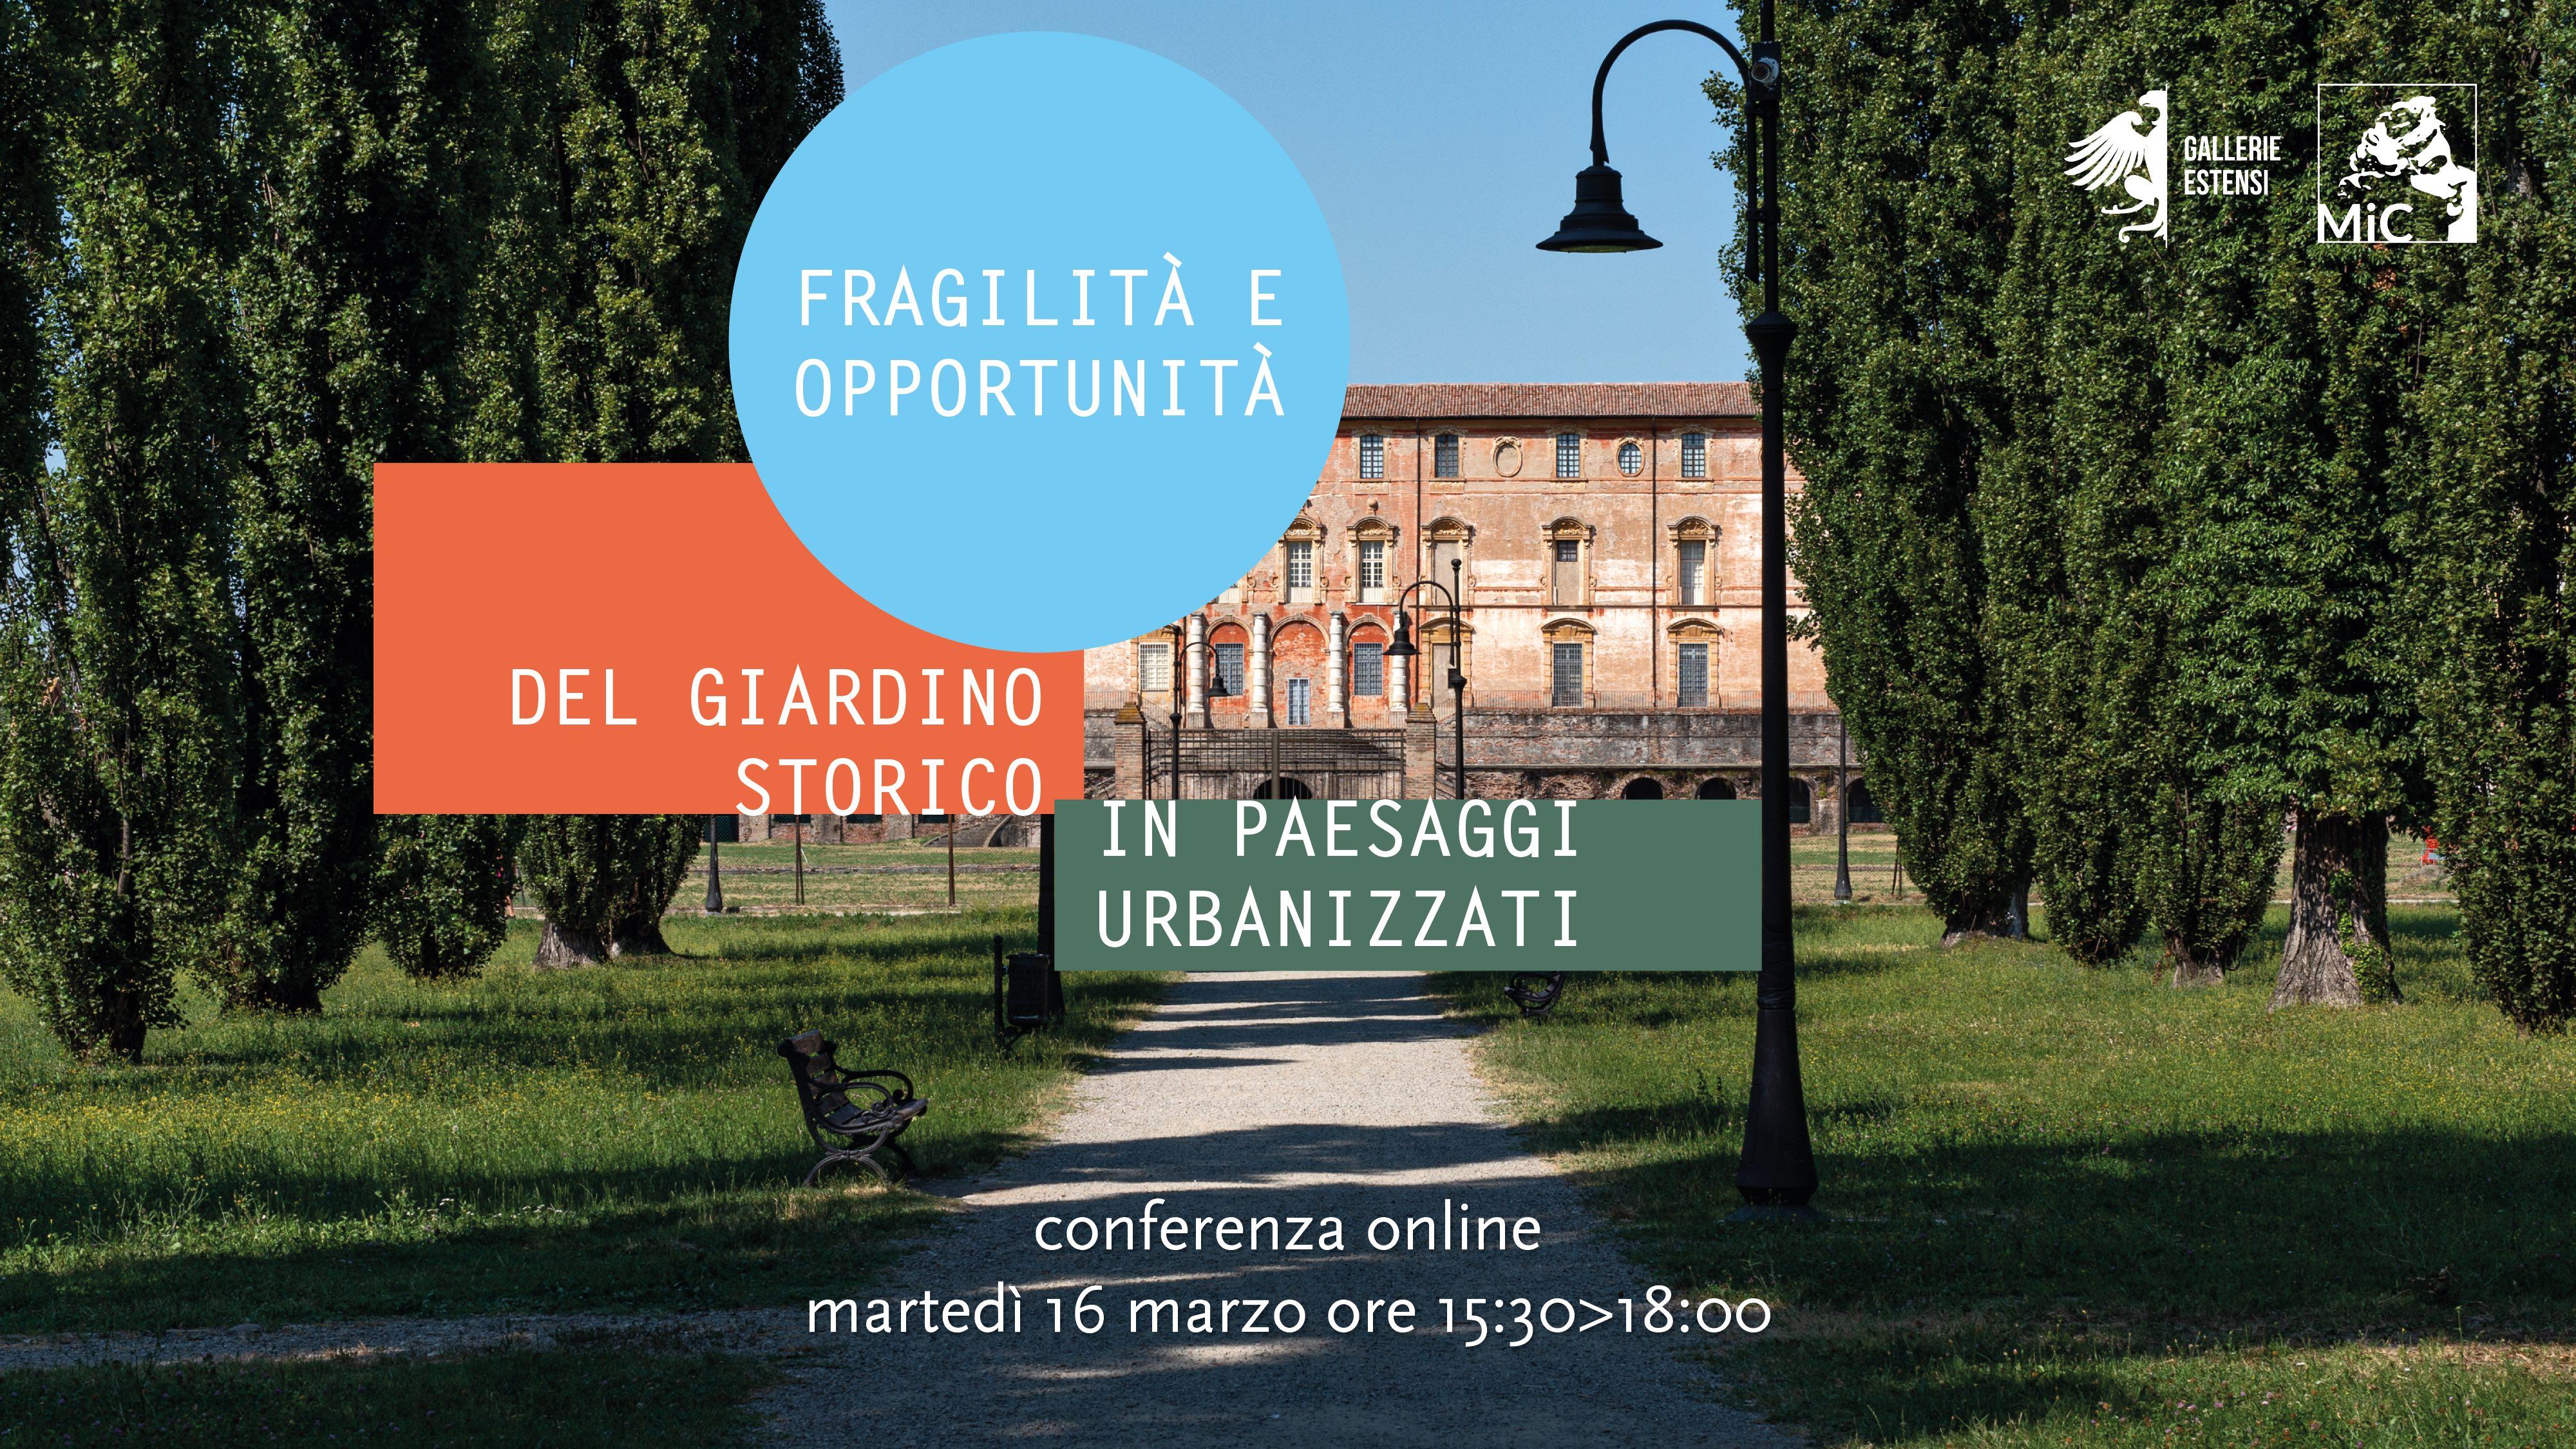 Fragilità e opportunità del giardino storico in paesaggi urbanizzati